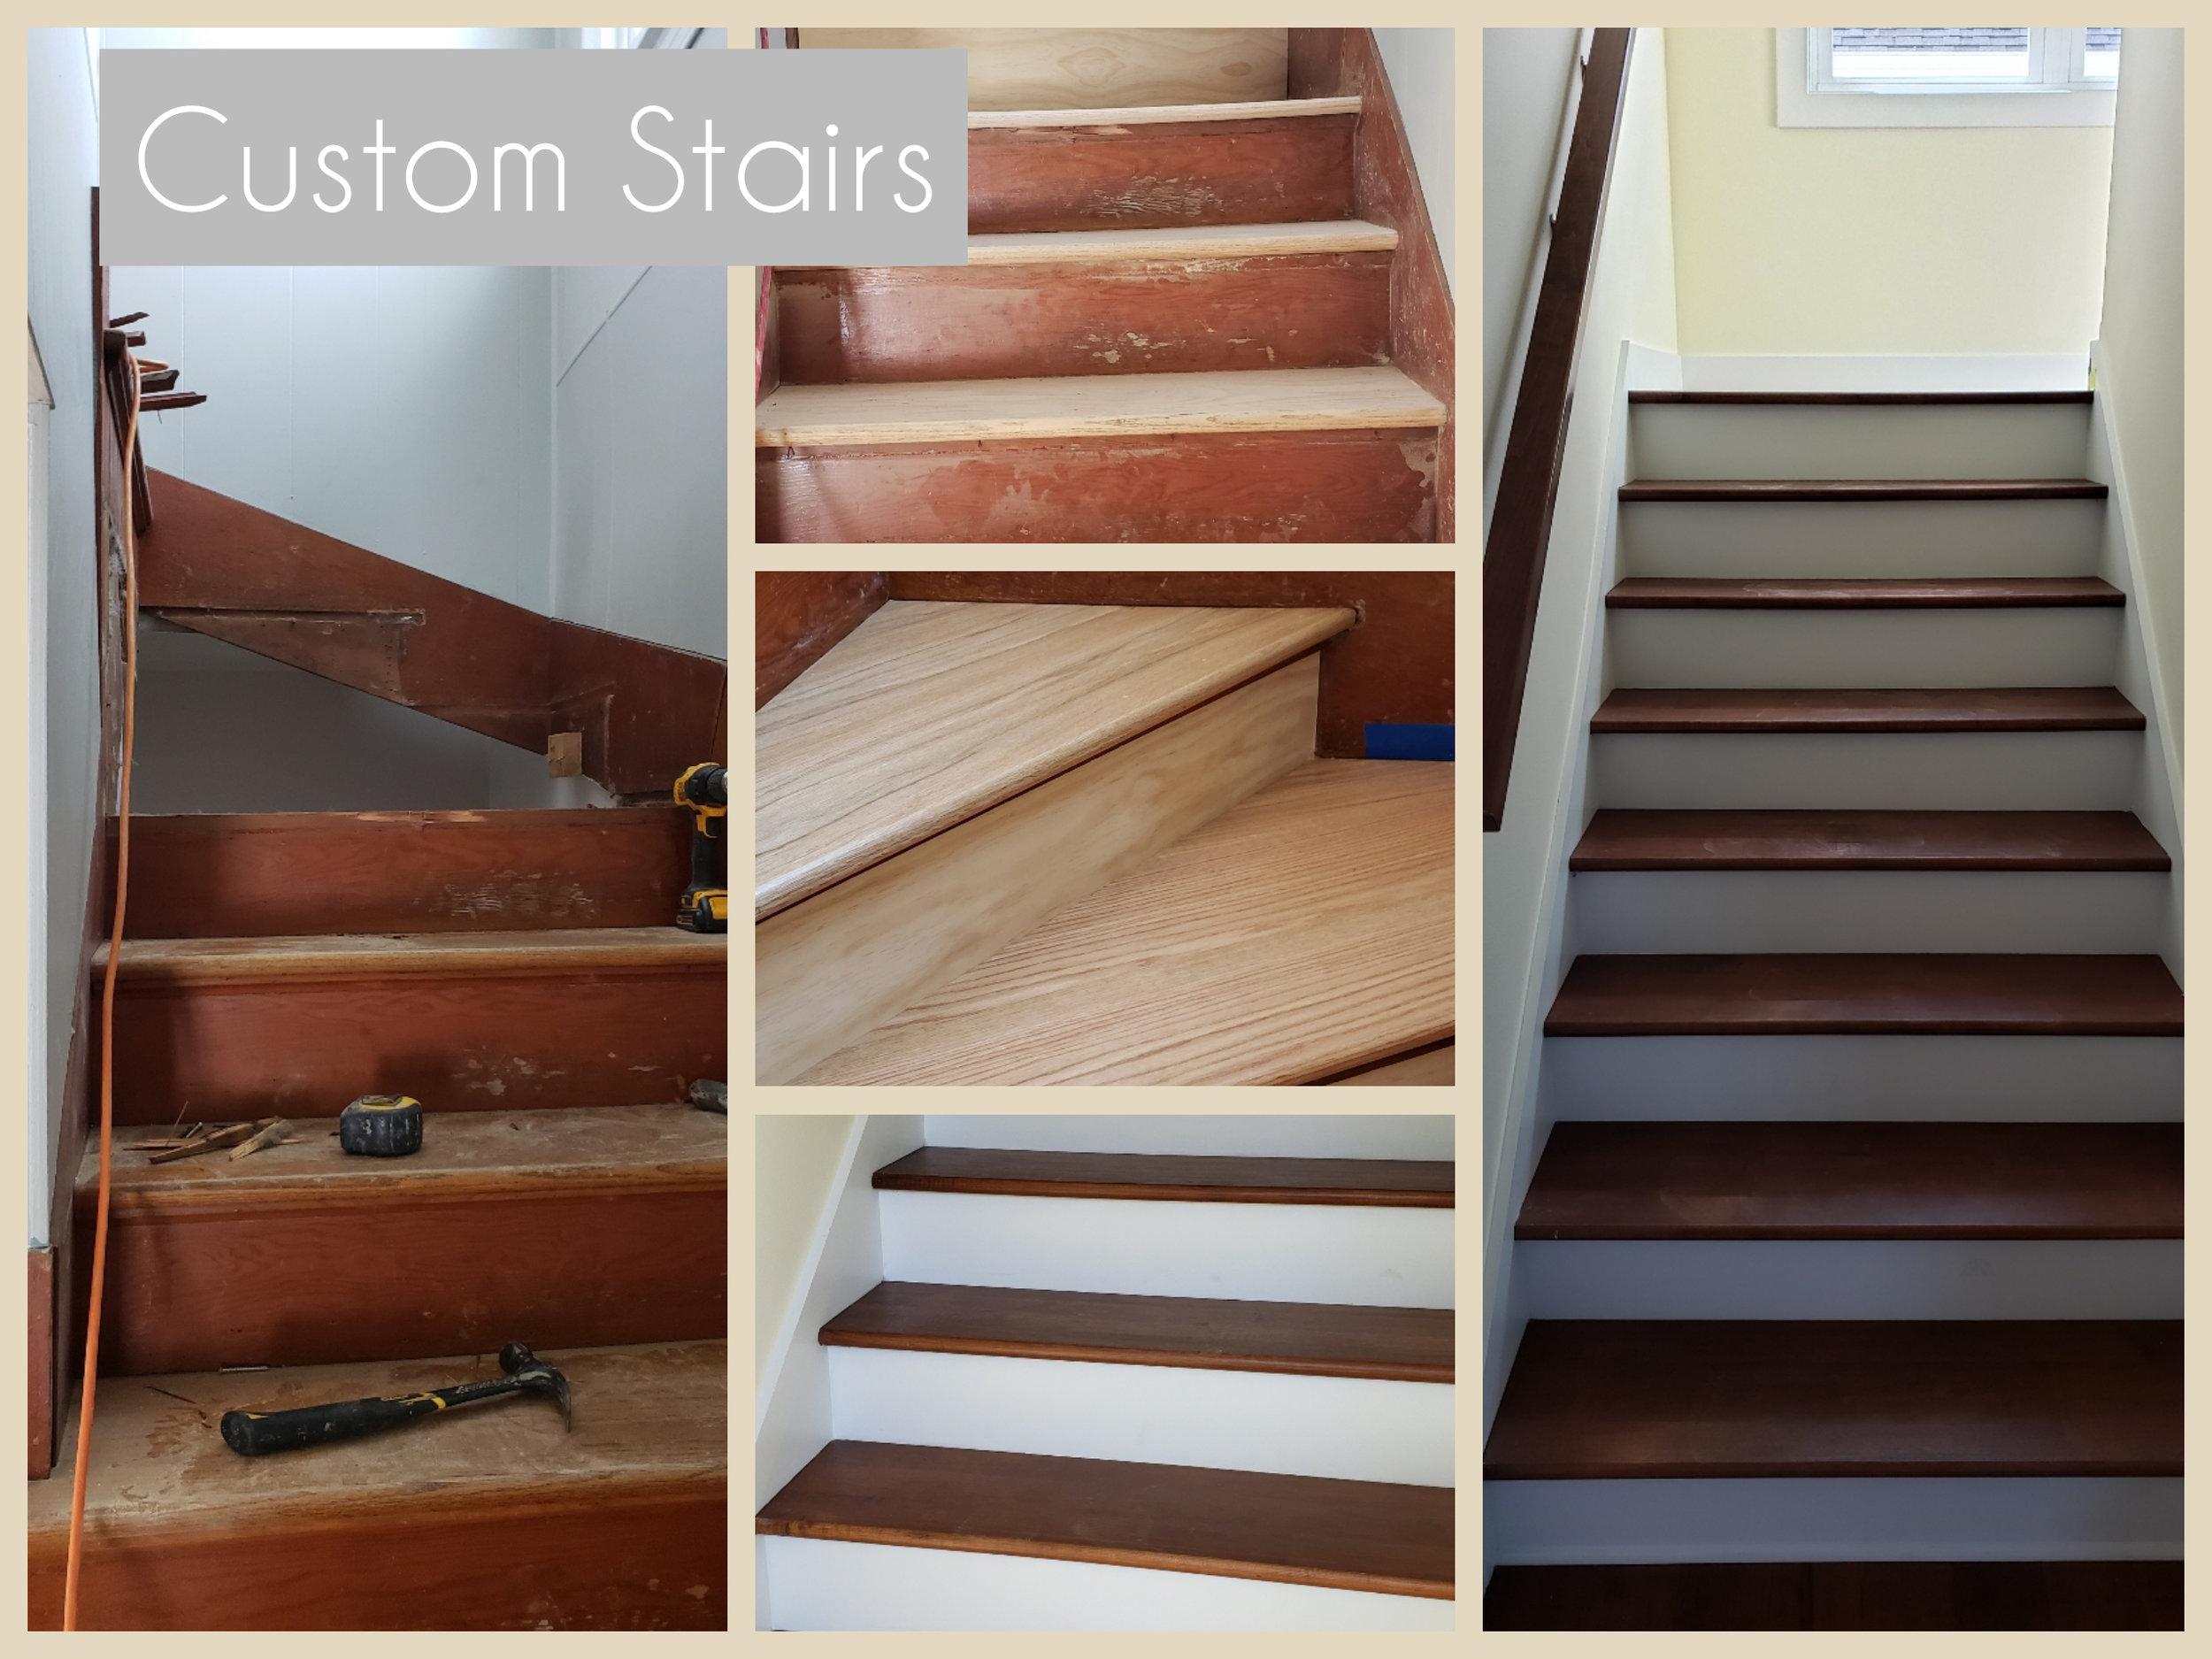 Custom stairs -